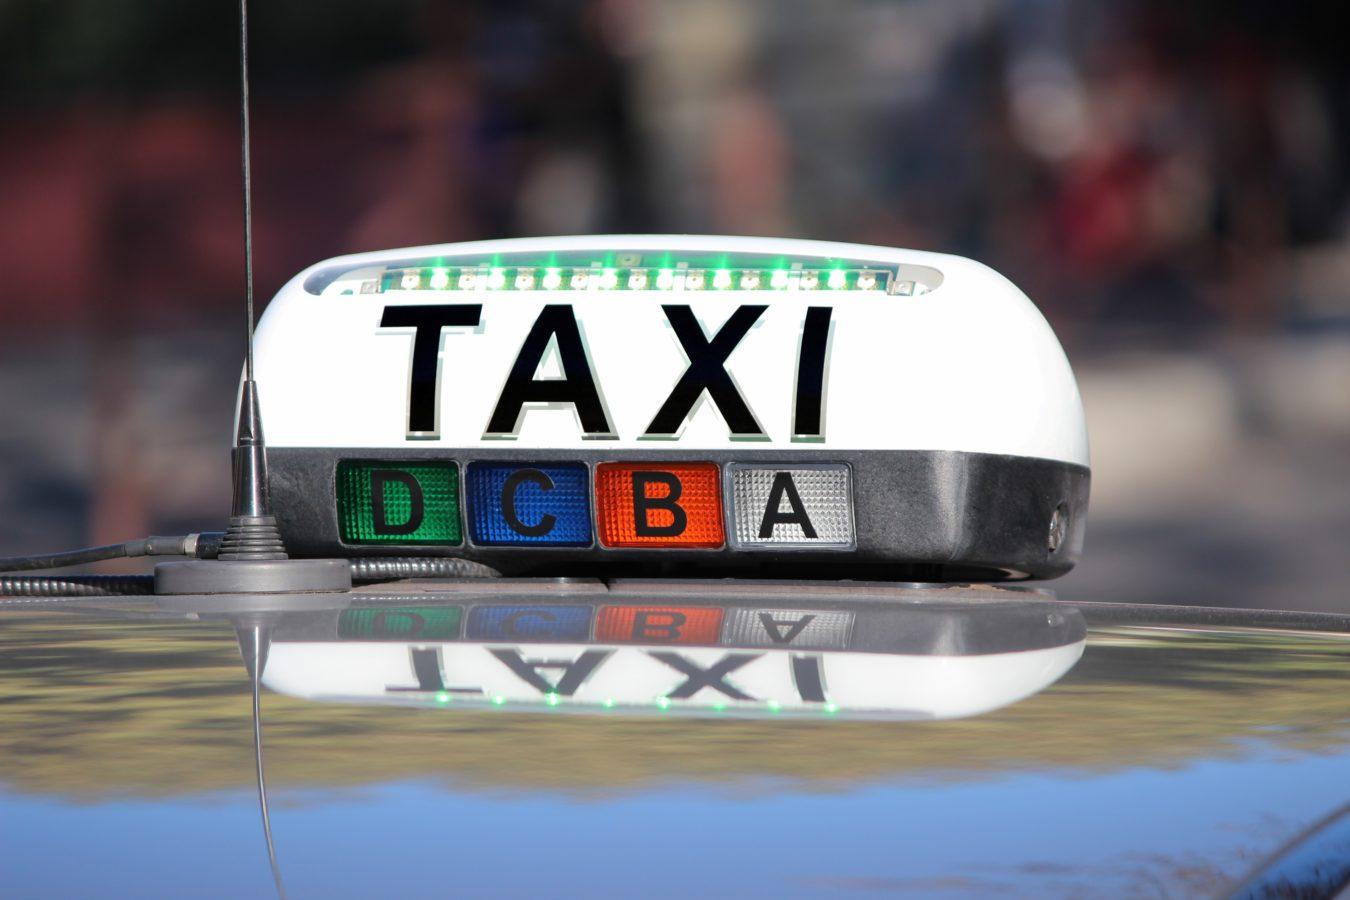 Les taxis étrangers, selon l'accord sur la libre circulation des personnes, exerceront en Suisse